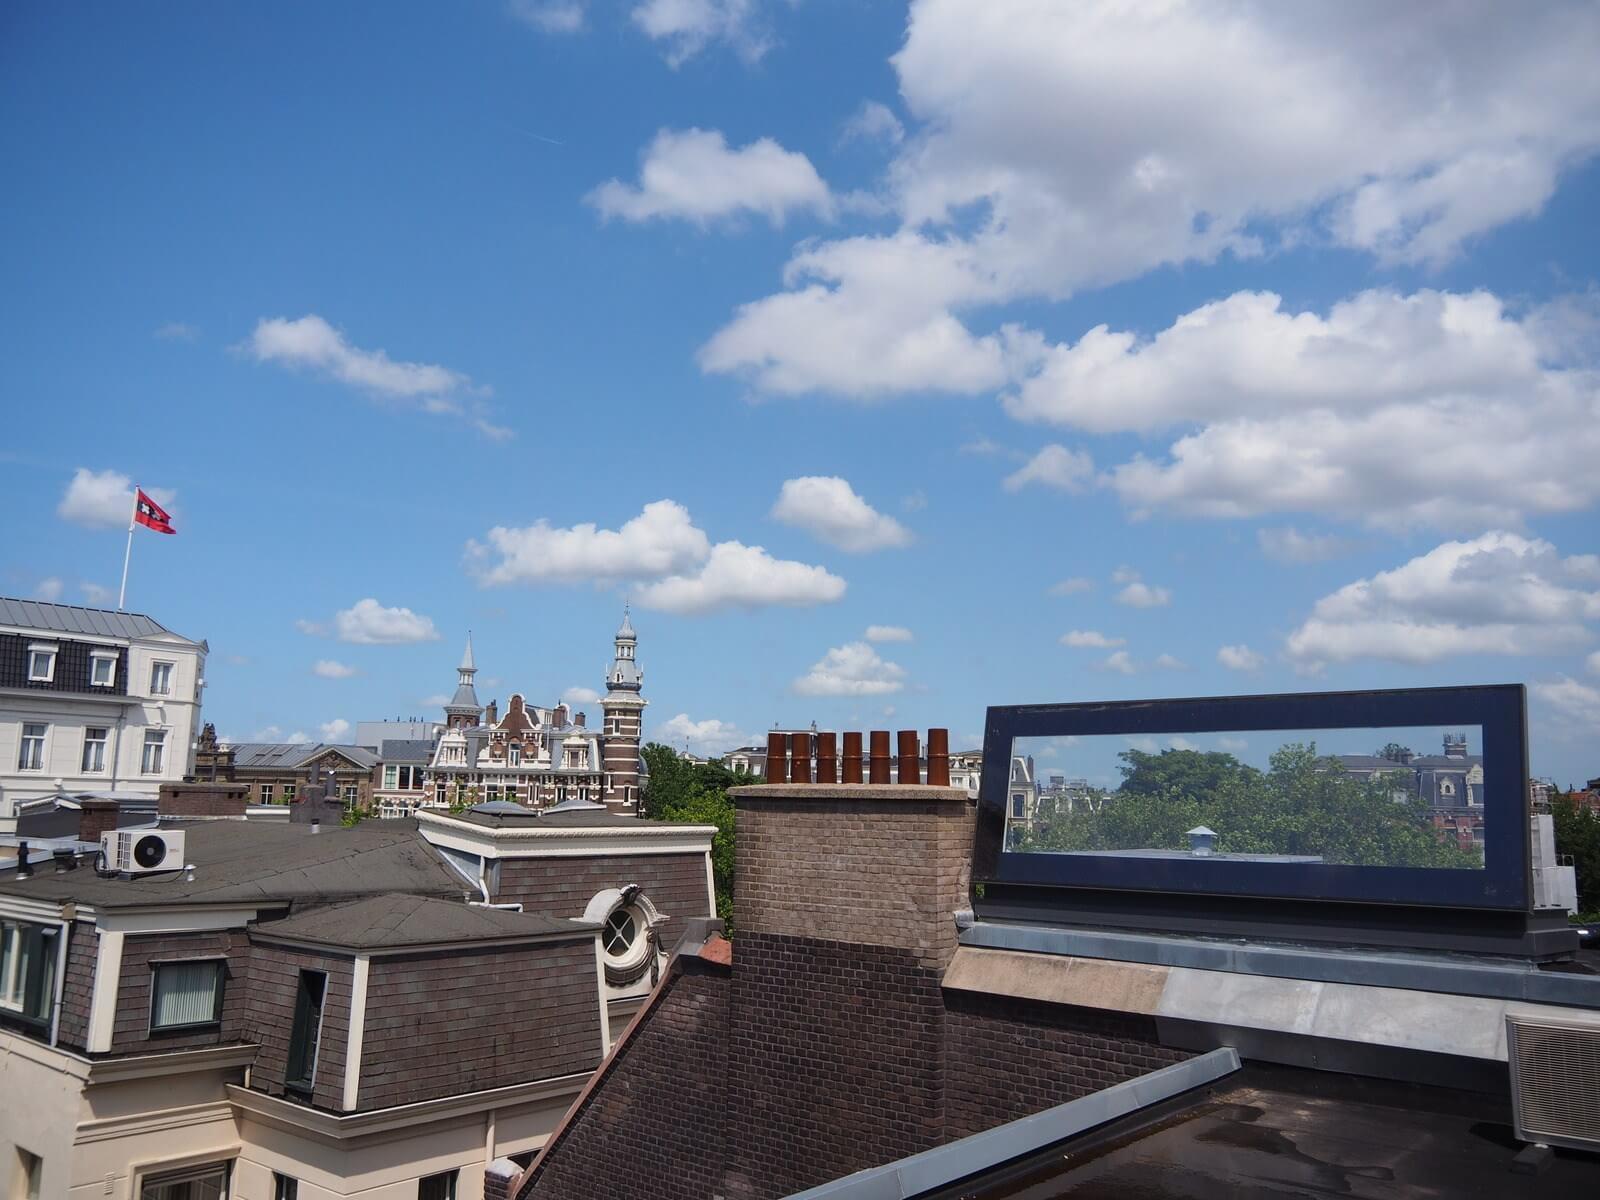 Skydoor In The Center Of Amsterdam